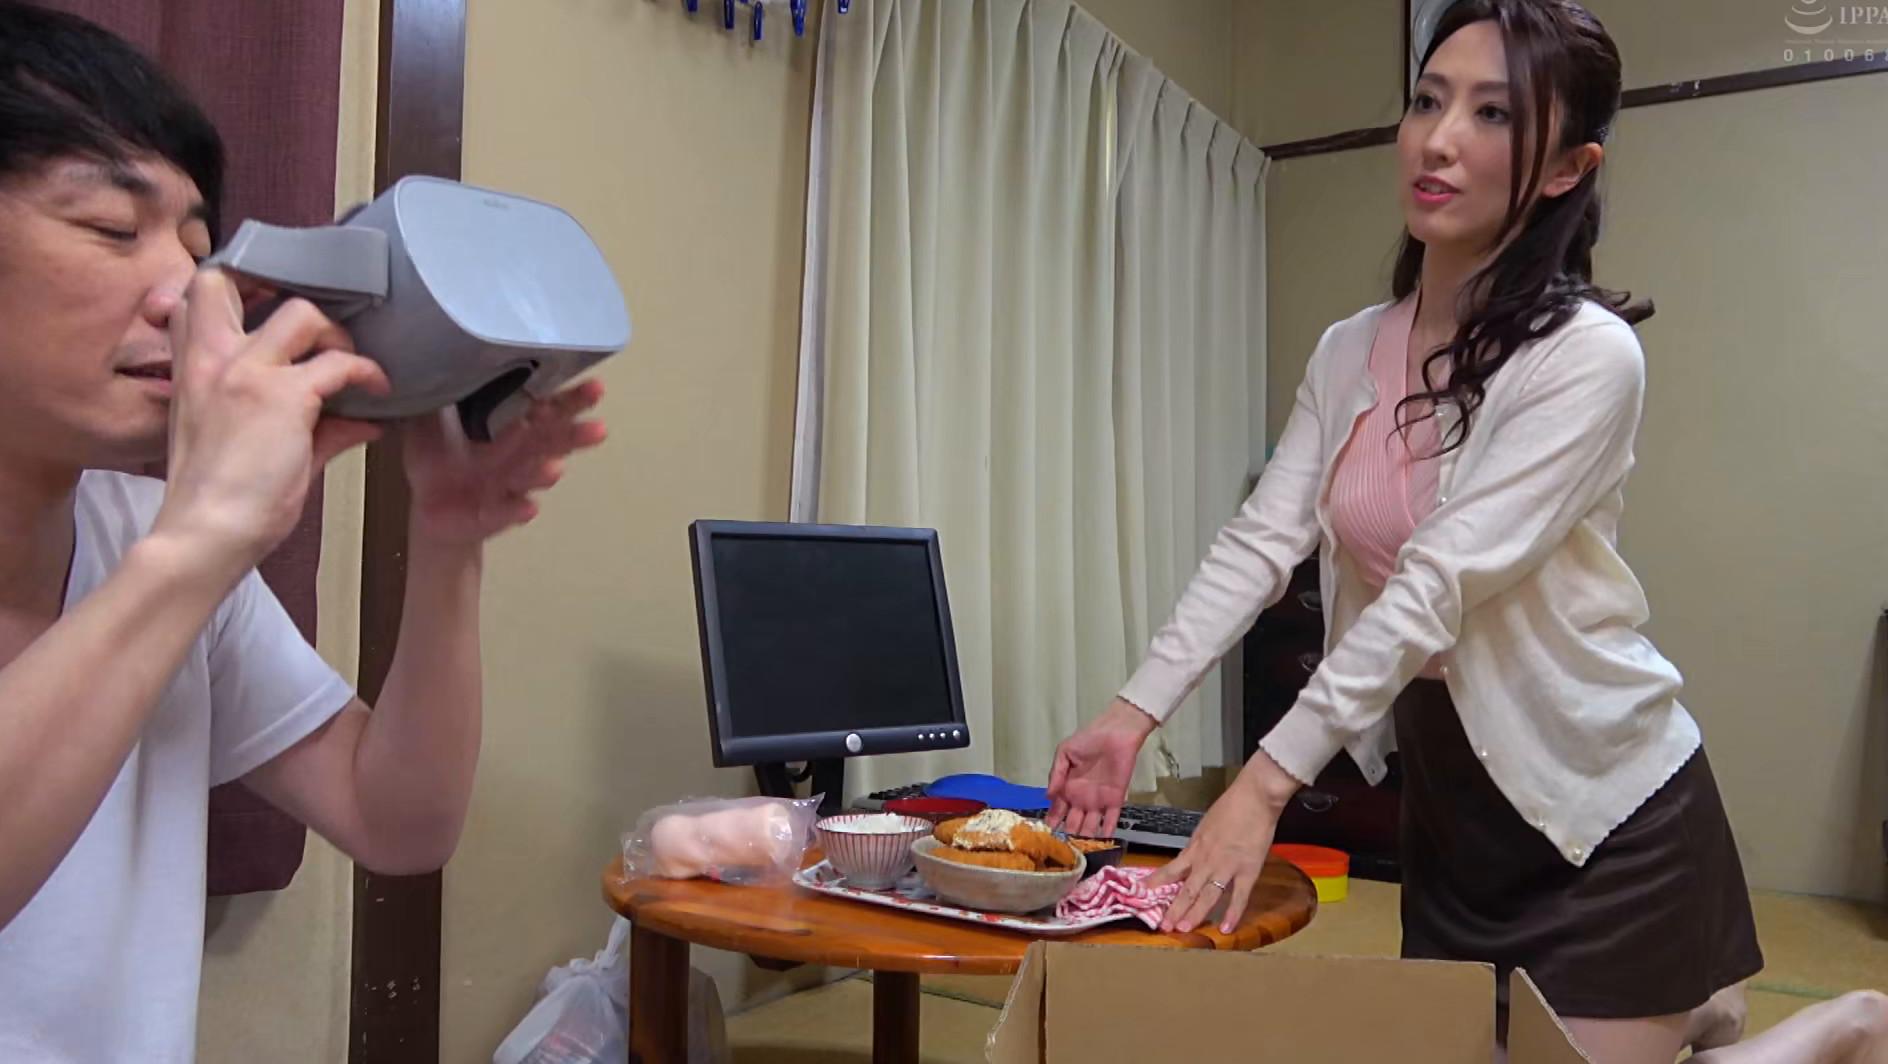 子供部屋おじさん(35歳無職の息子)を性処理する義母 柏原友美恵 画像14